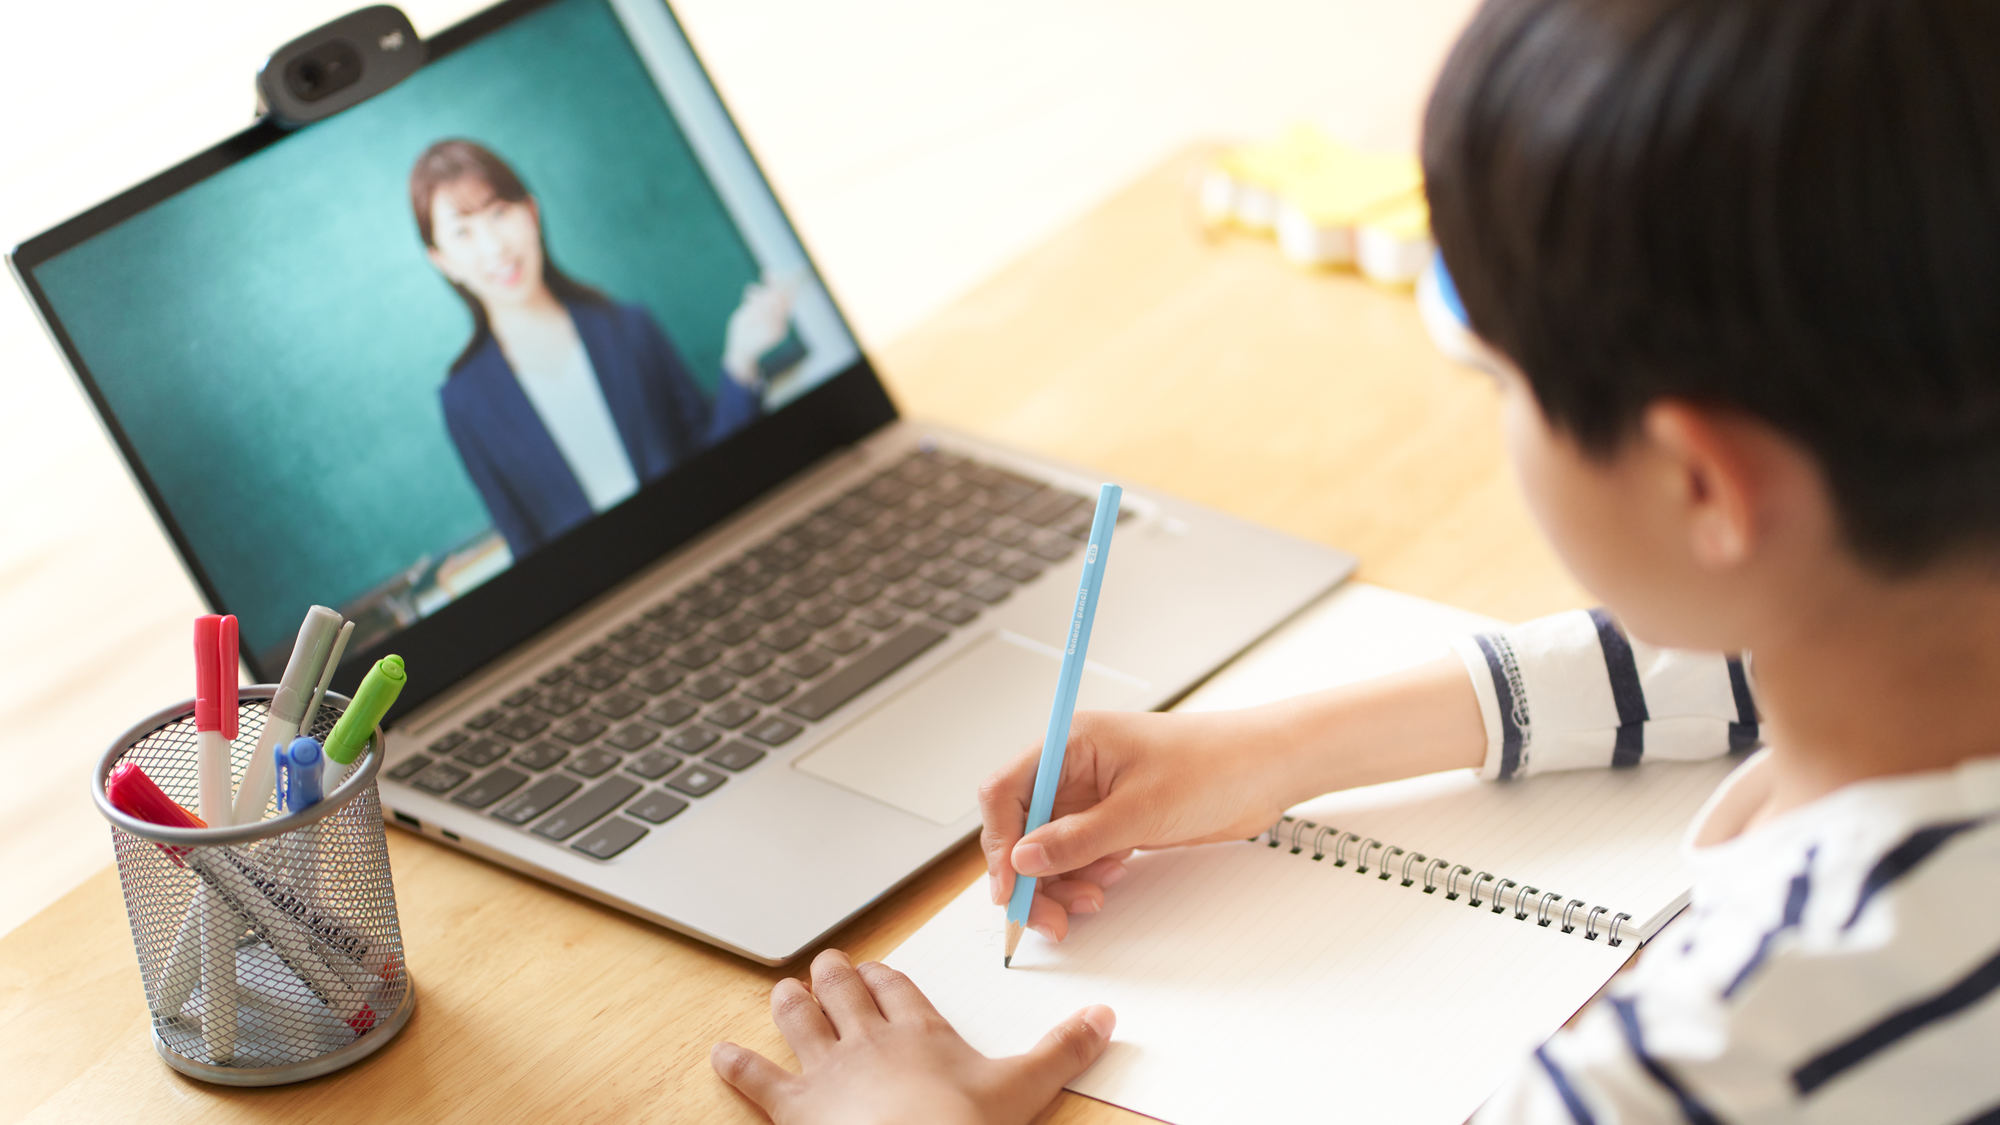 【専門家監修】オンライン授業とは?メリットと導入に向けて準備すべきこと|ベネッセ教育情報サイト